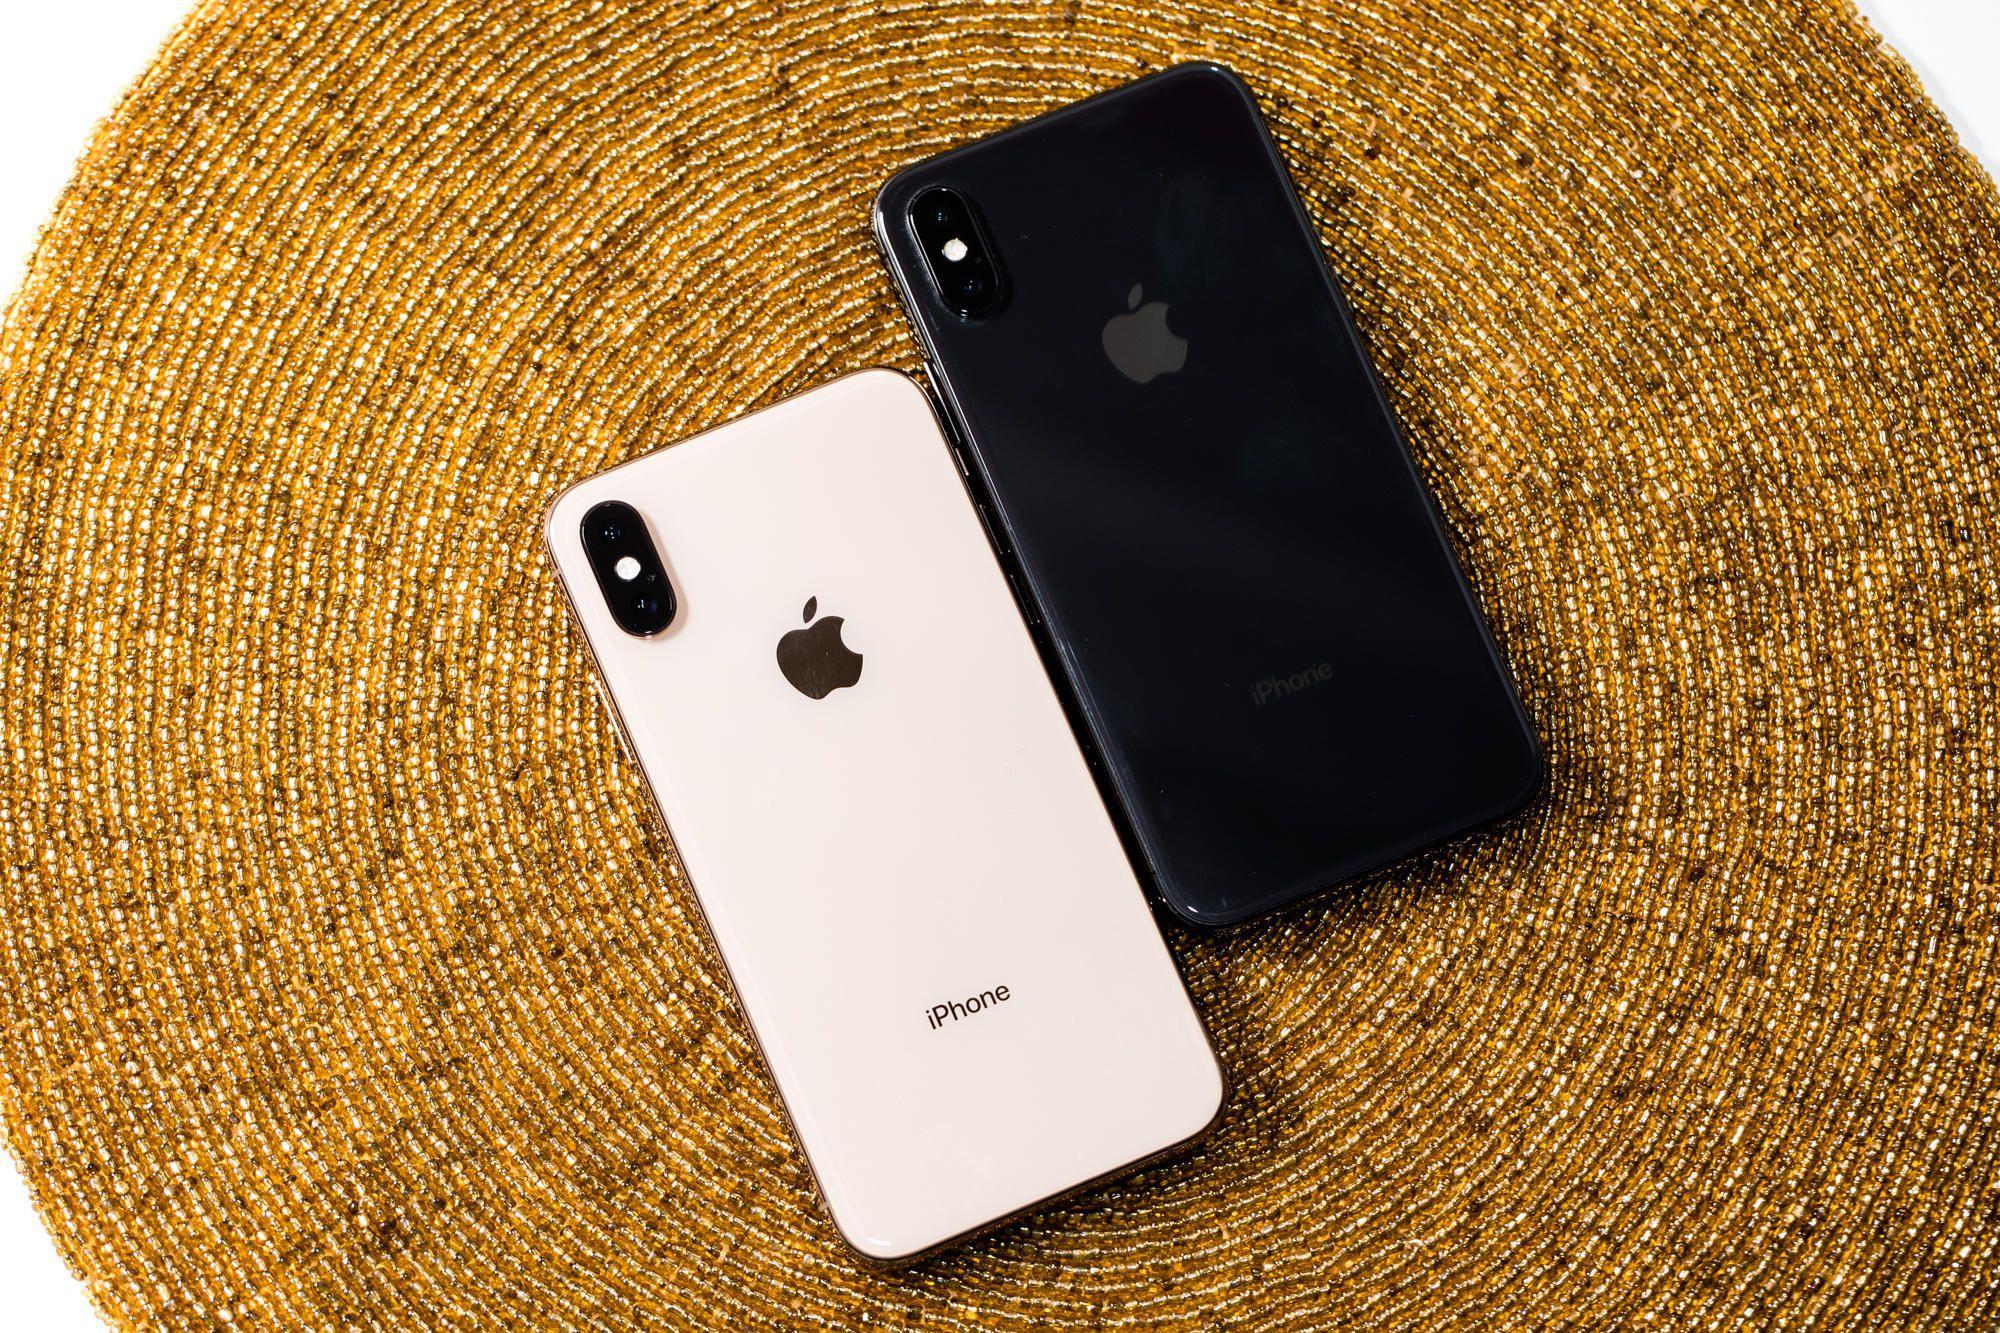 Apple bất ngờ tung hàng nóng giá rẻ ngay trong Tết: iPhone X đổi bảo hành giảm tận 5 triệu đồng - Ảnh 2.